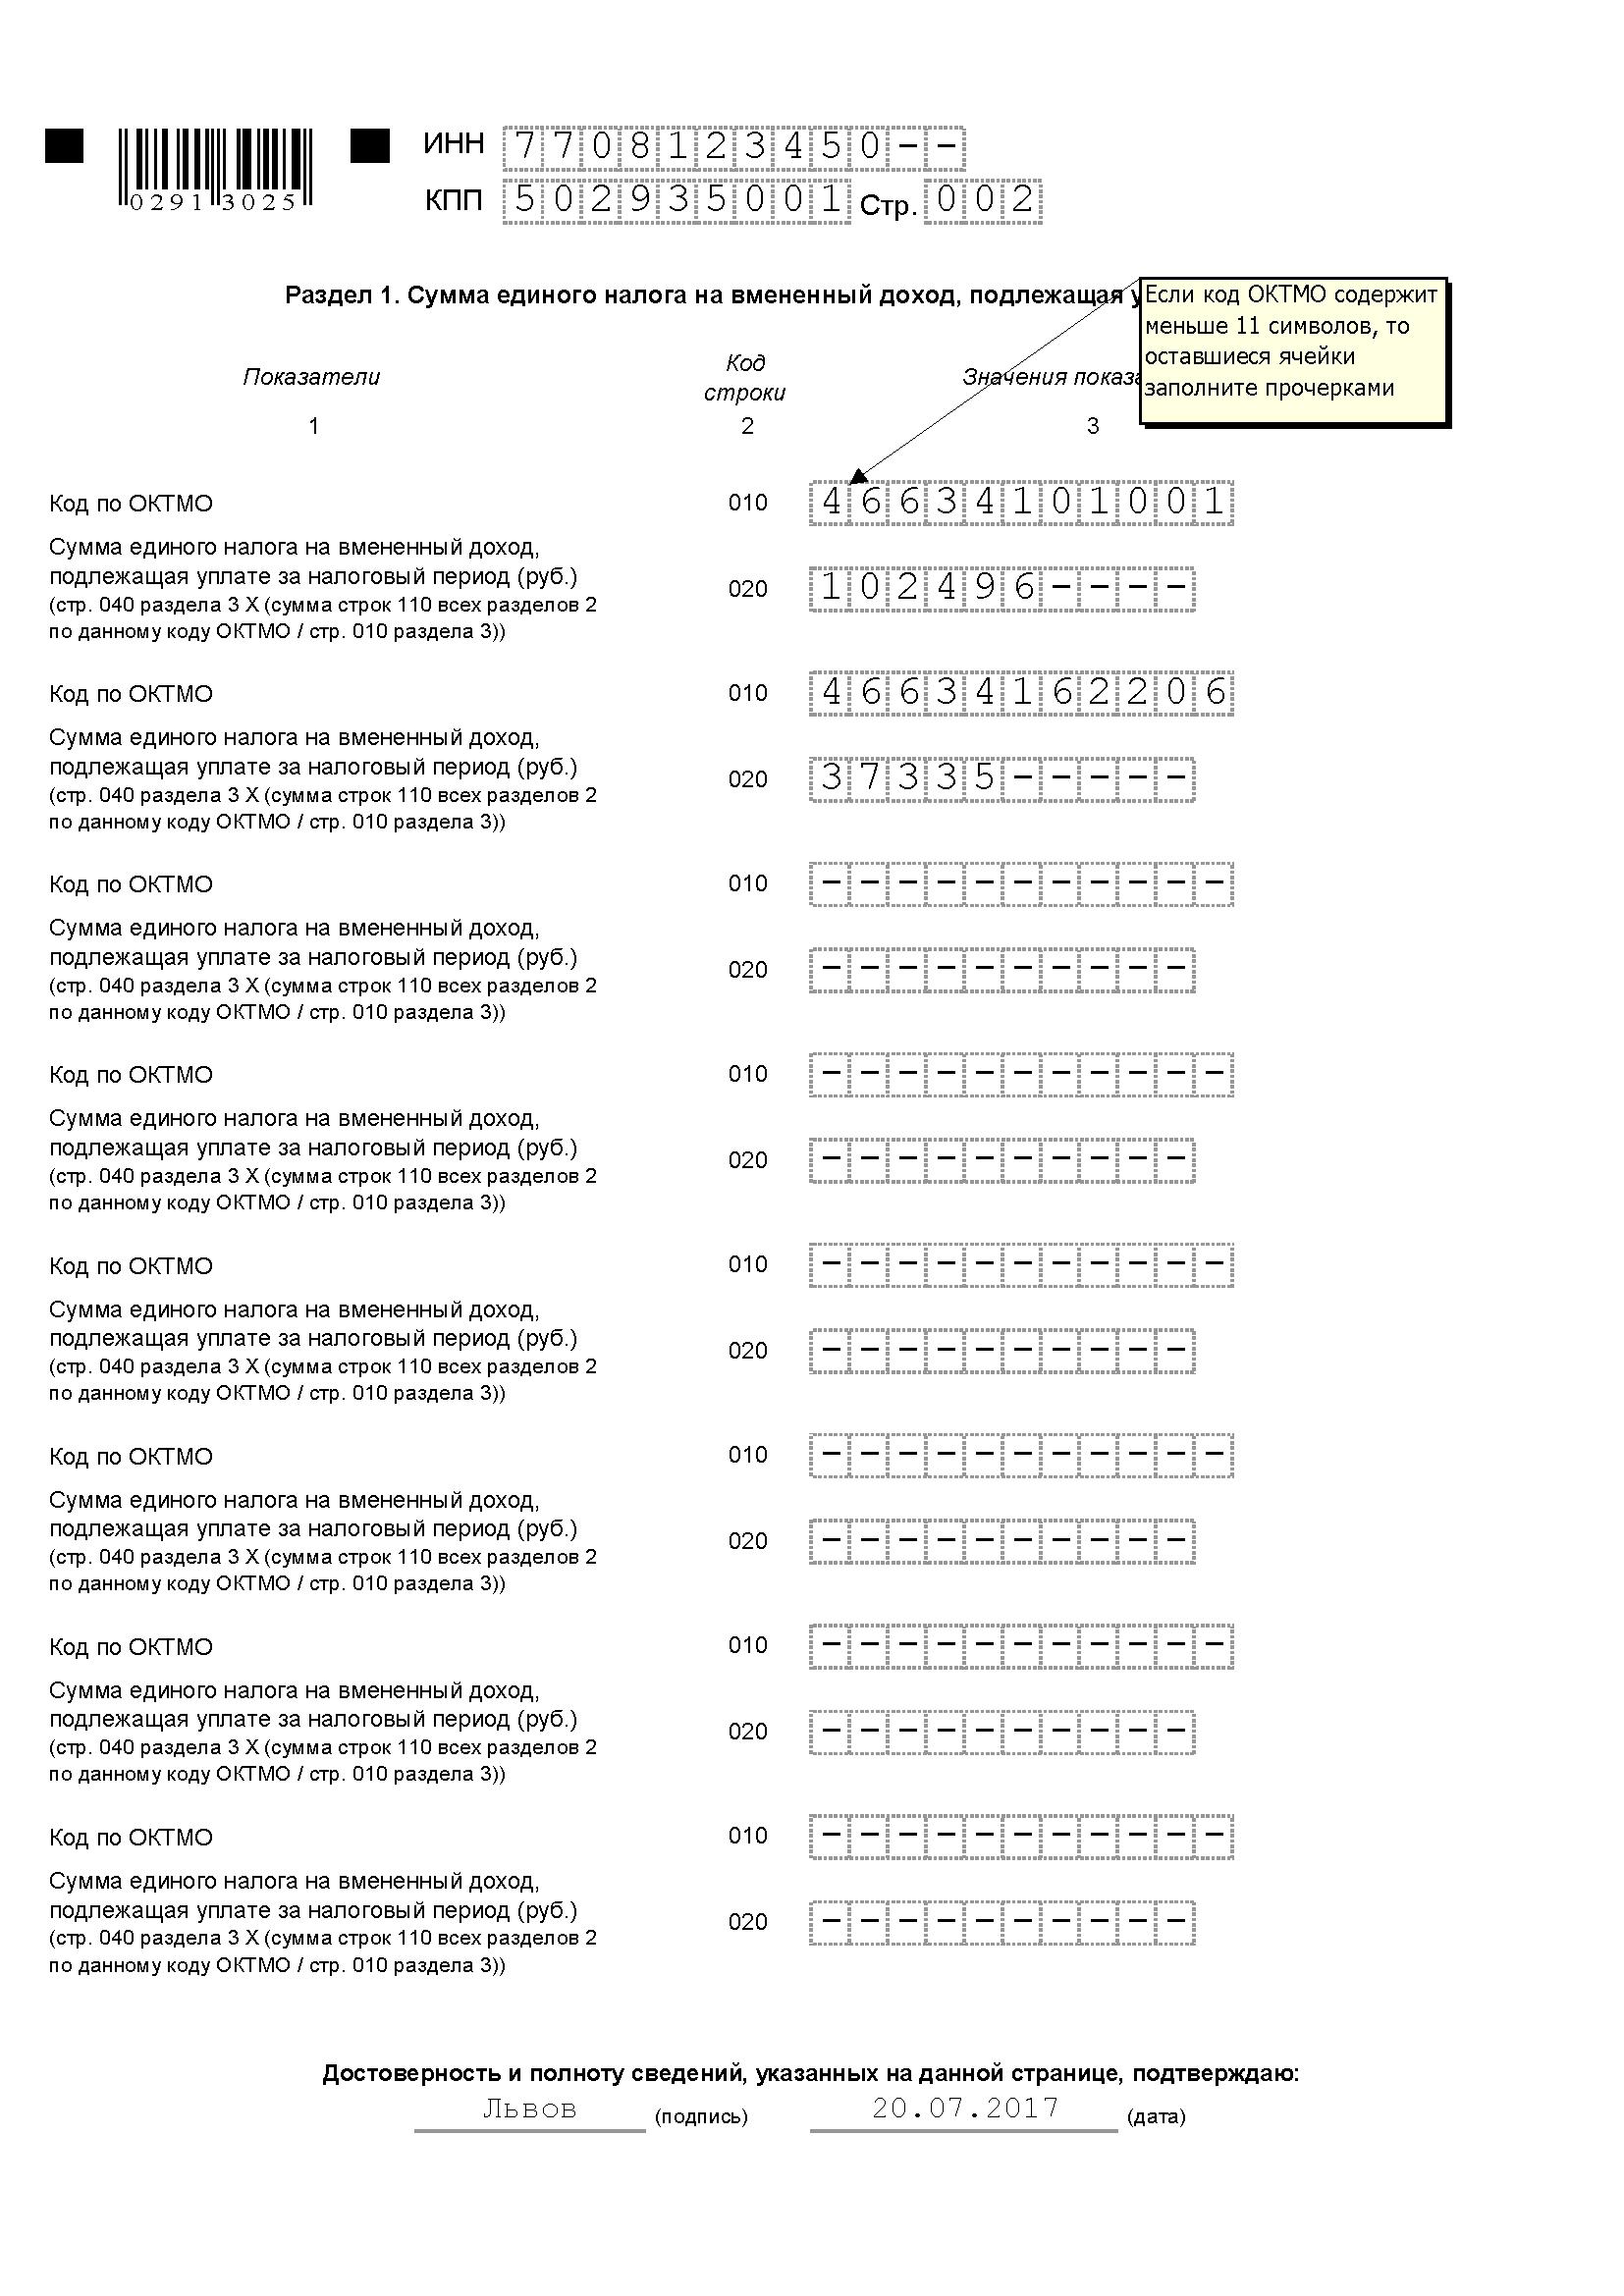 Инструкция заполнению налоговой декларации енвд